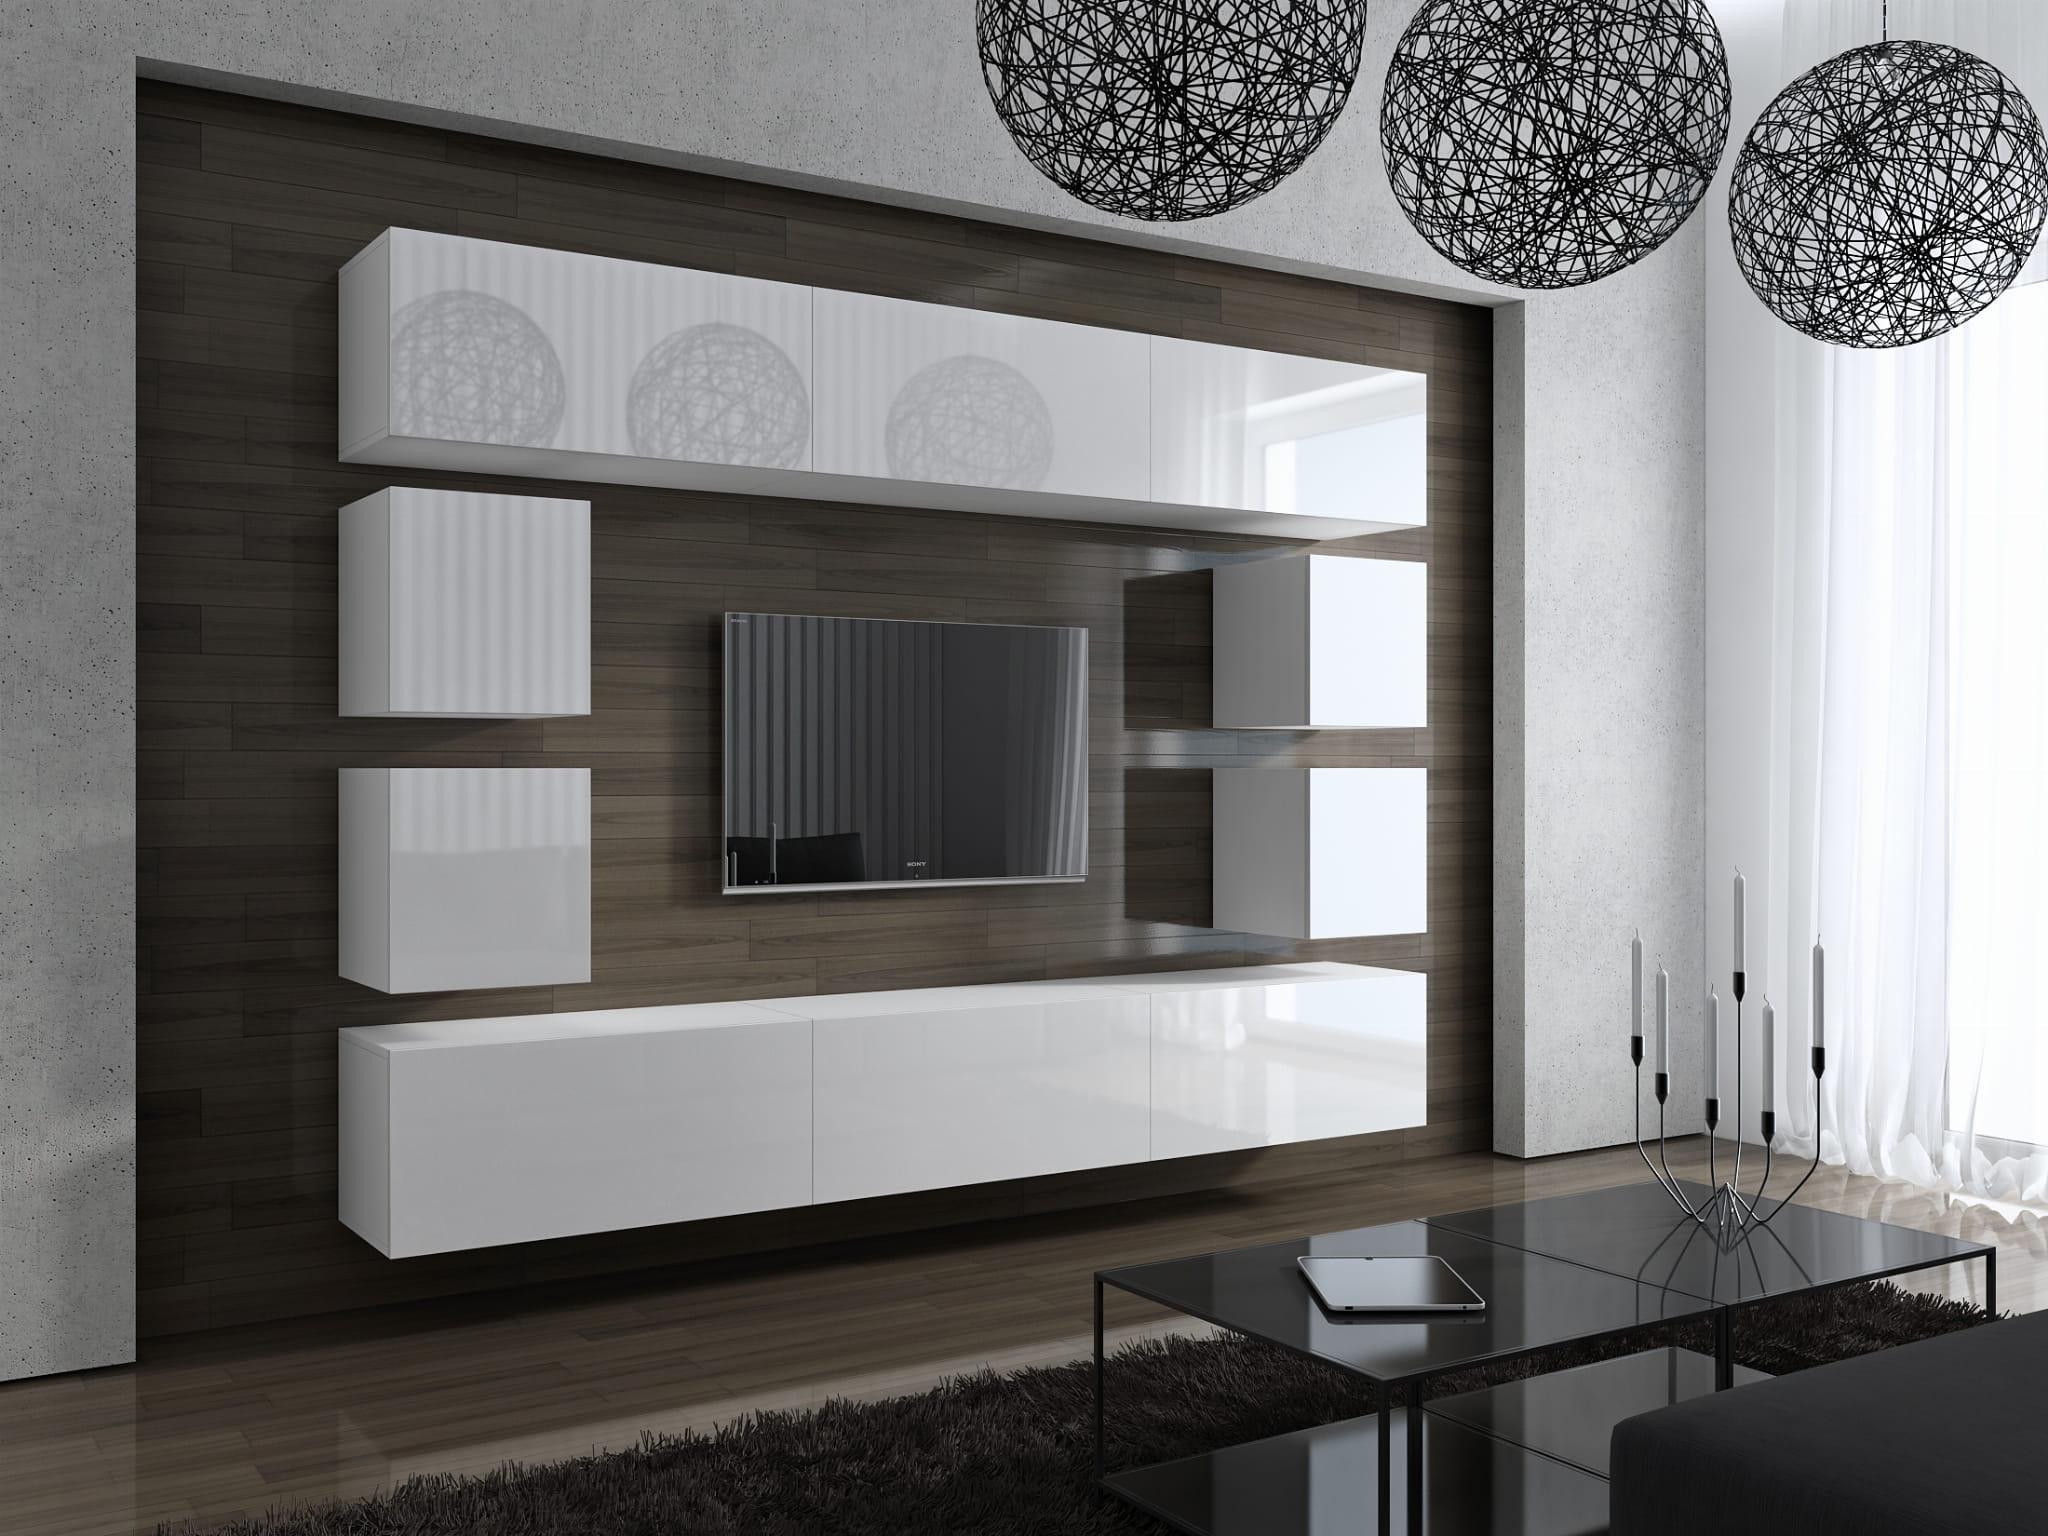 Nowoczesna Biała Meblościanka Concept 17 Fronty W Połysku Meble